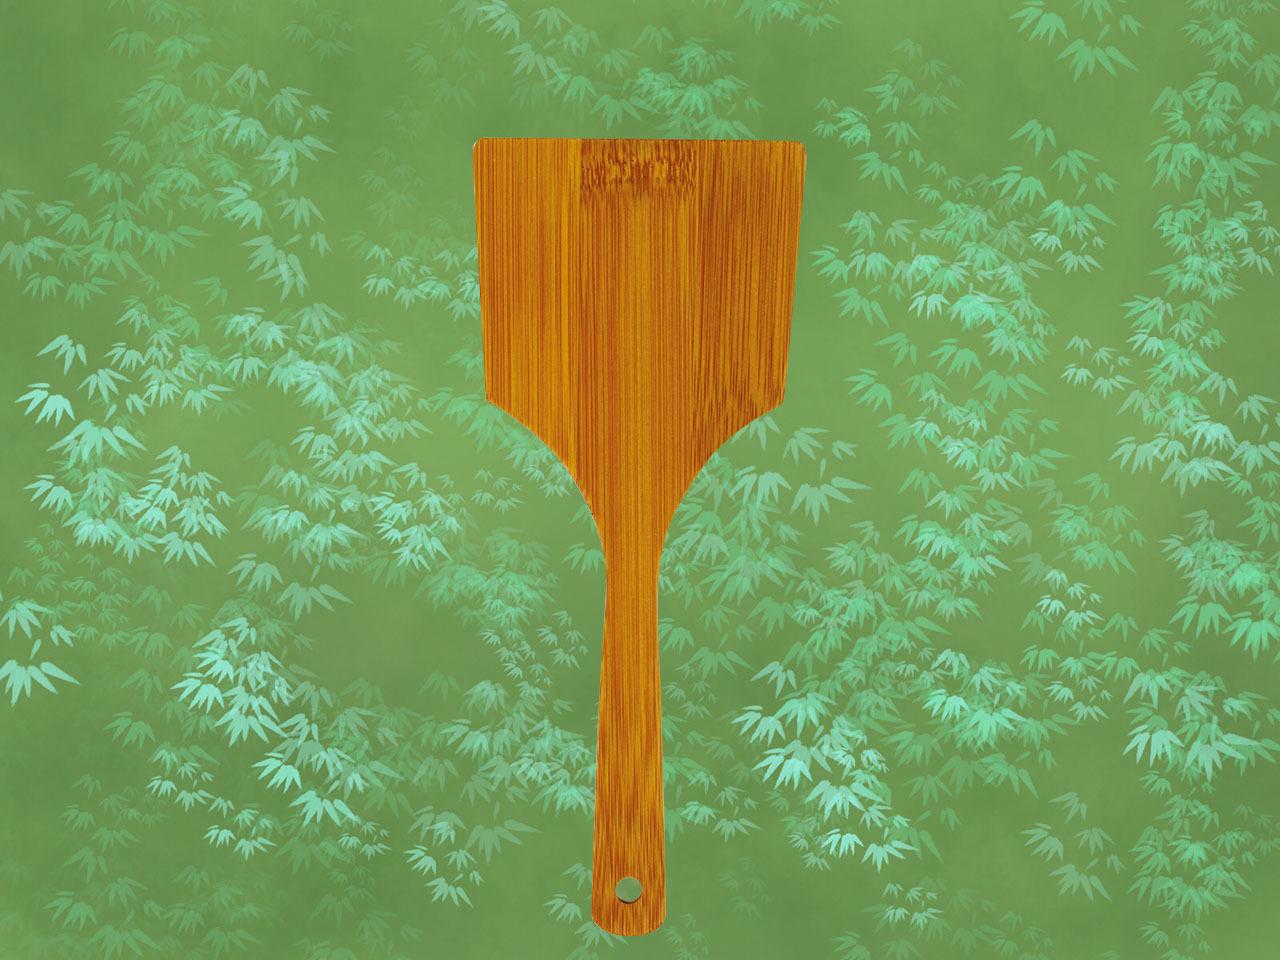 竹製 「スス竹 お好み焼き用へら28cm」日本製 玉子焼きにもおすすめです! ポストIN発送対応商品